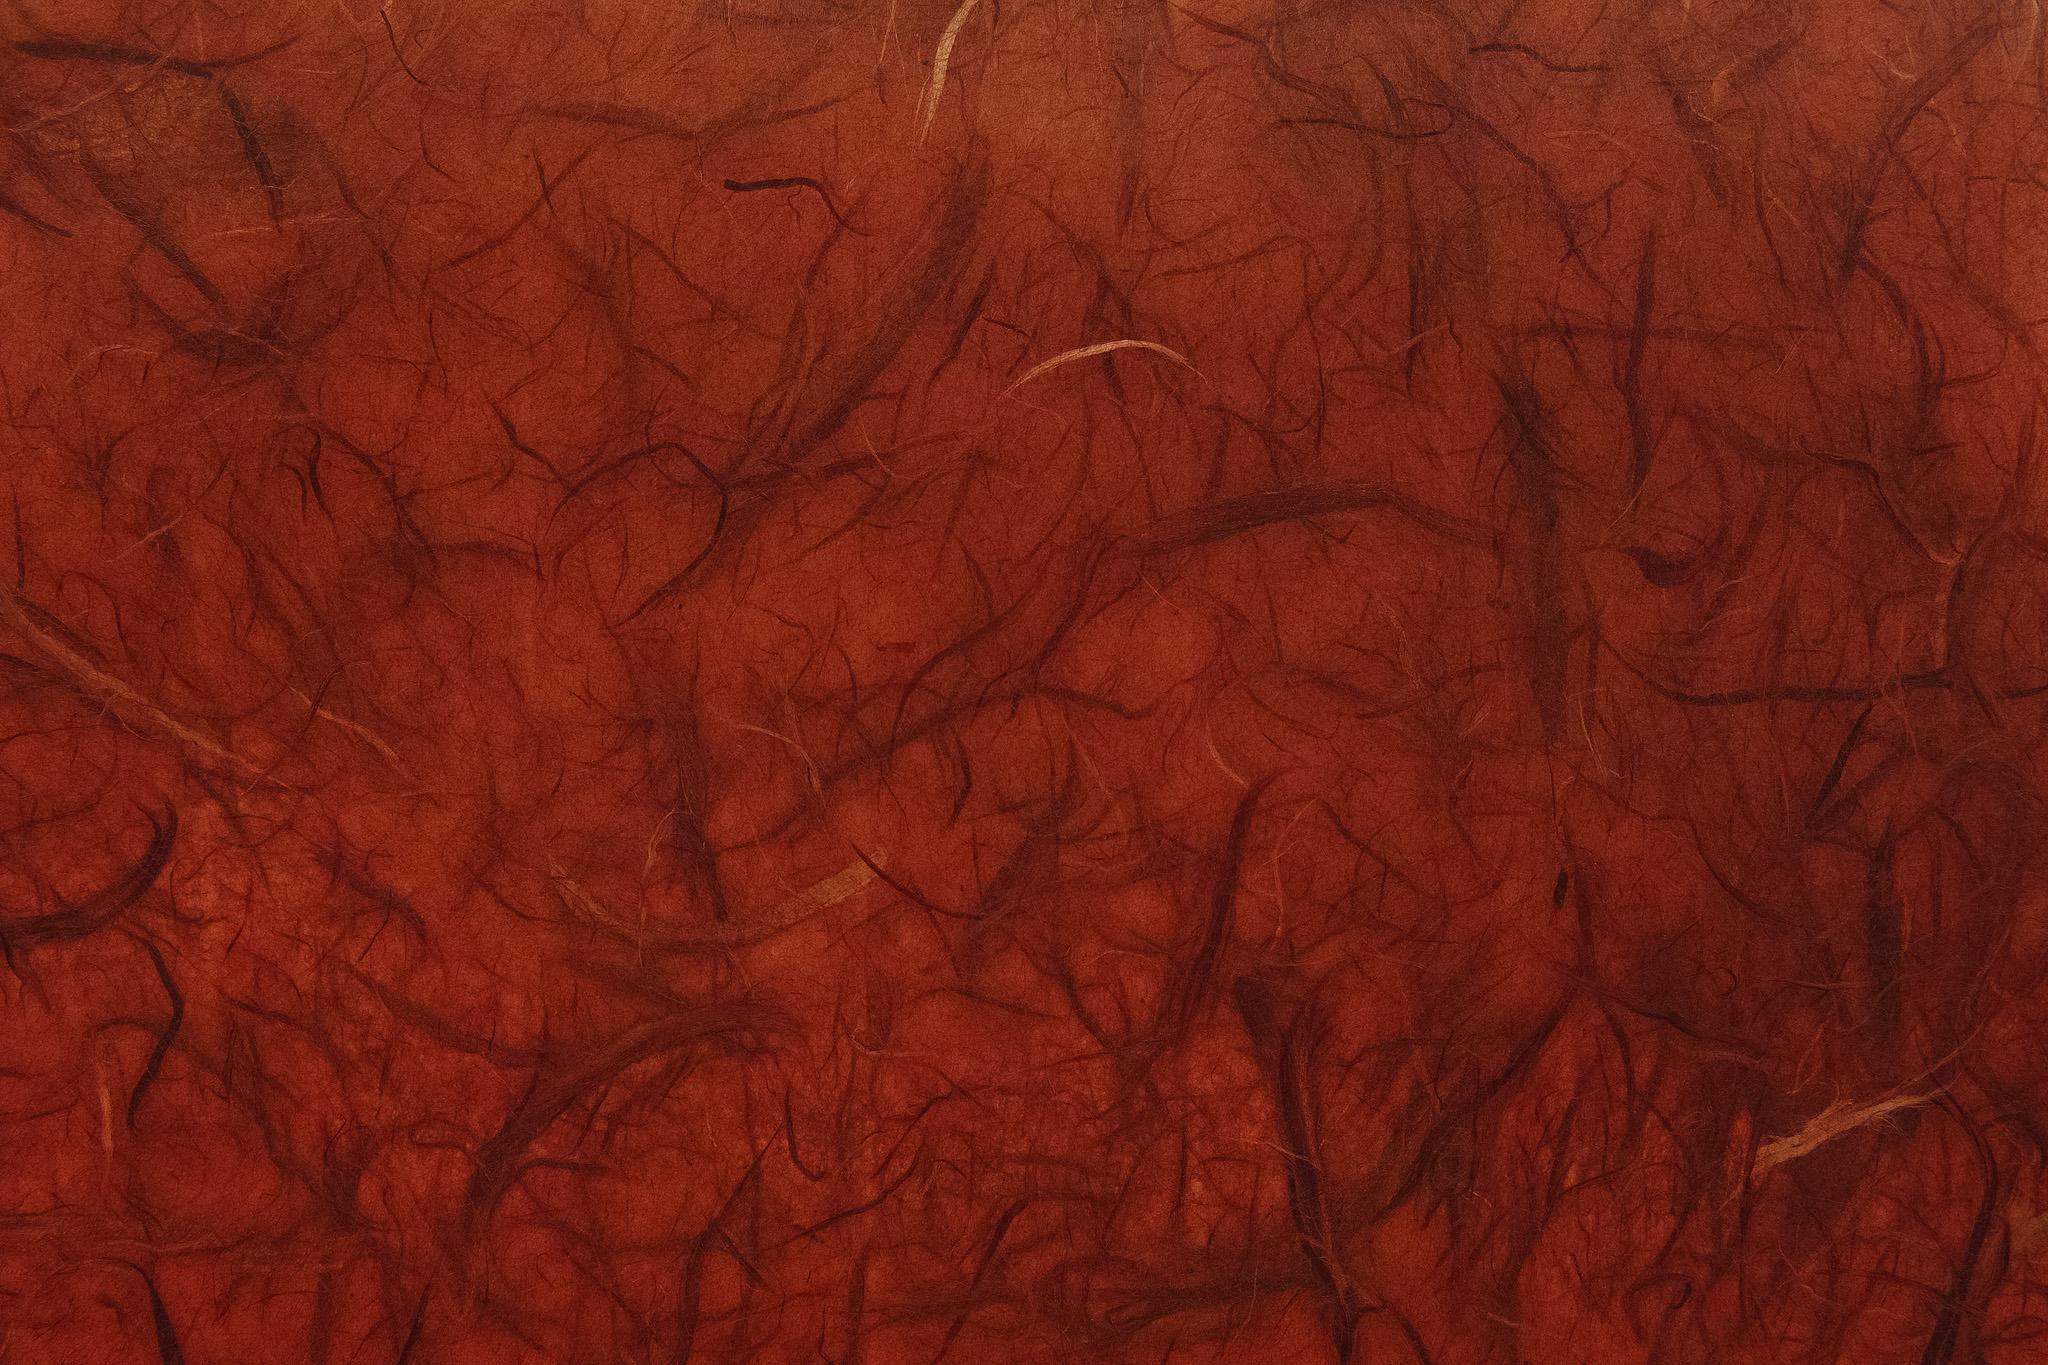 「雲竜柄の弁柄色和紙」の素材を無料ダウンロード